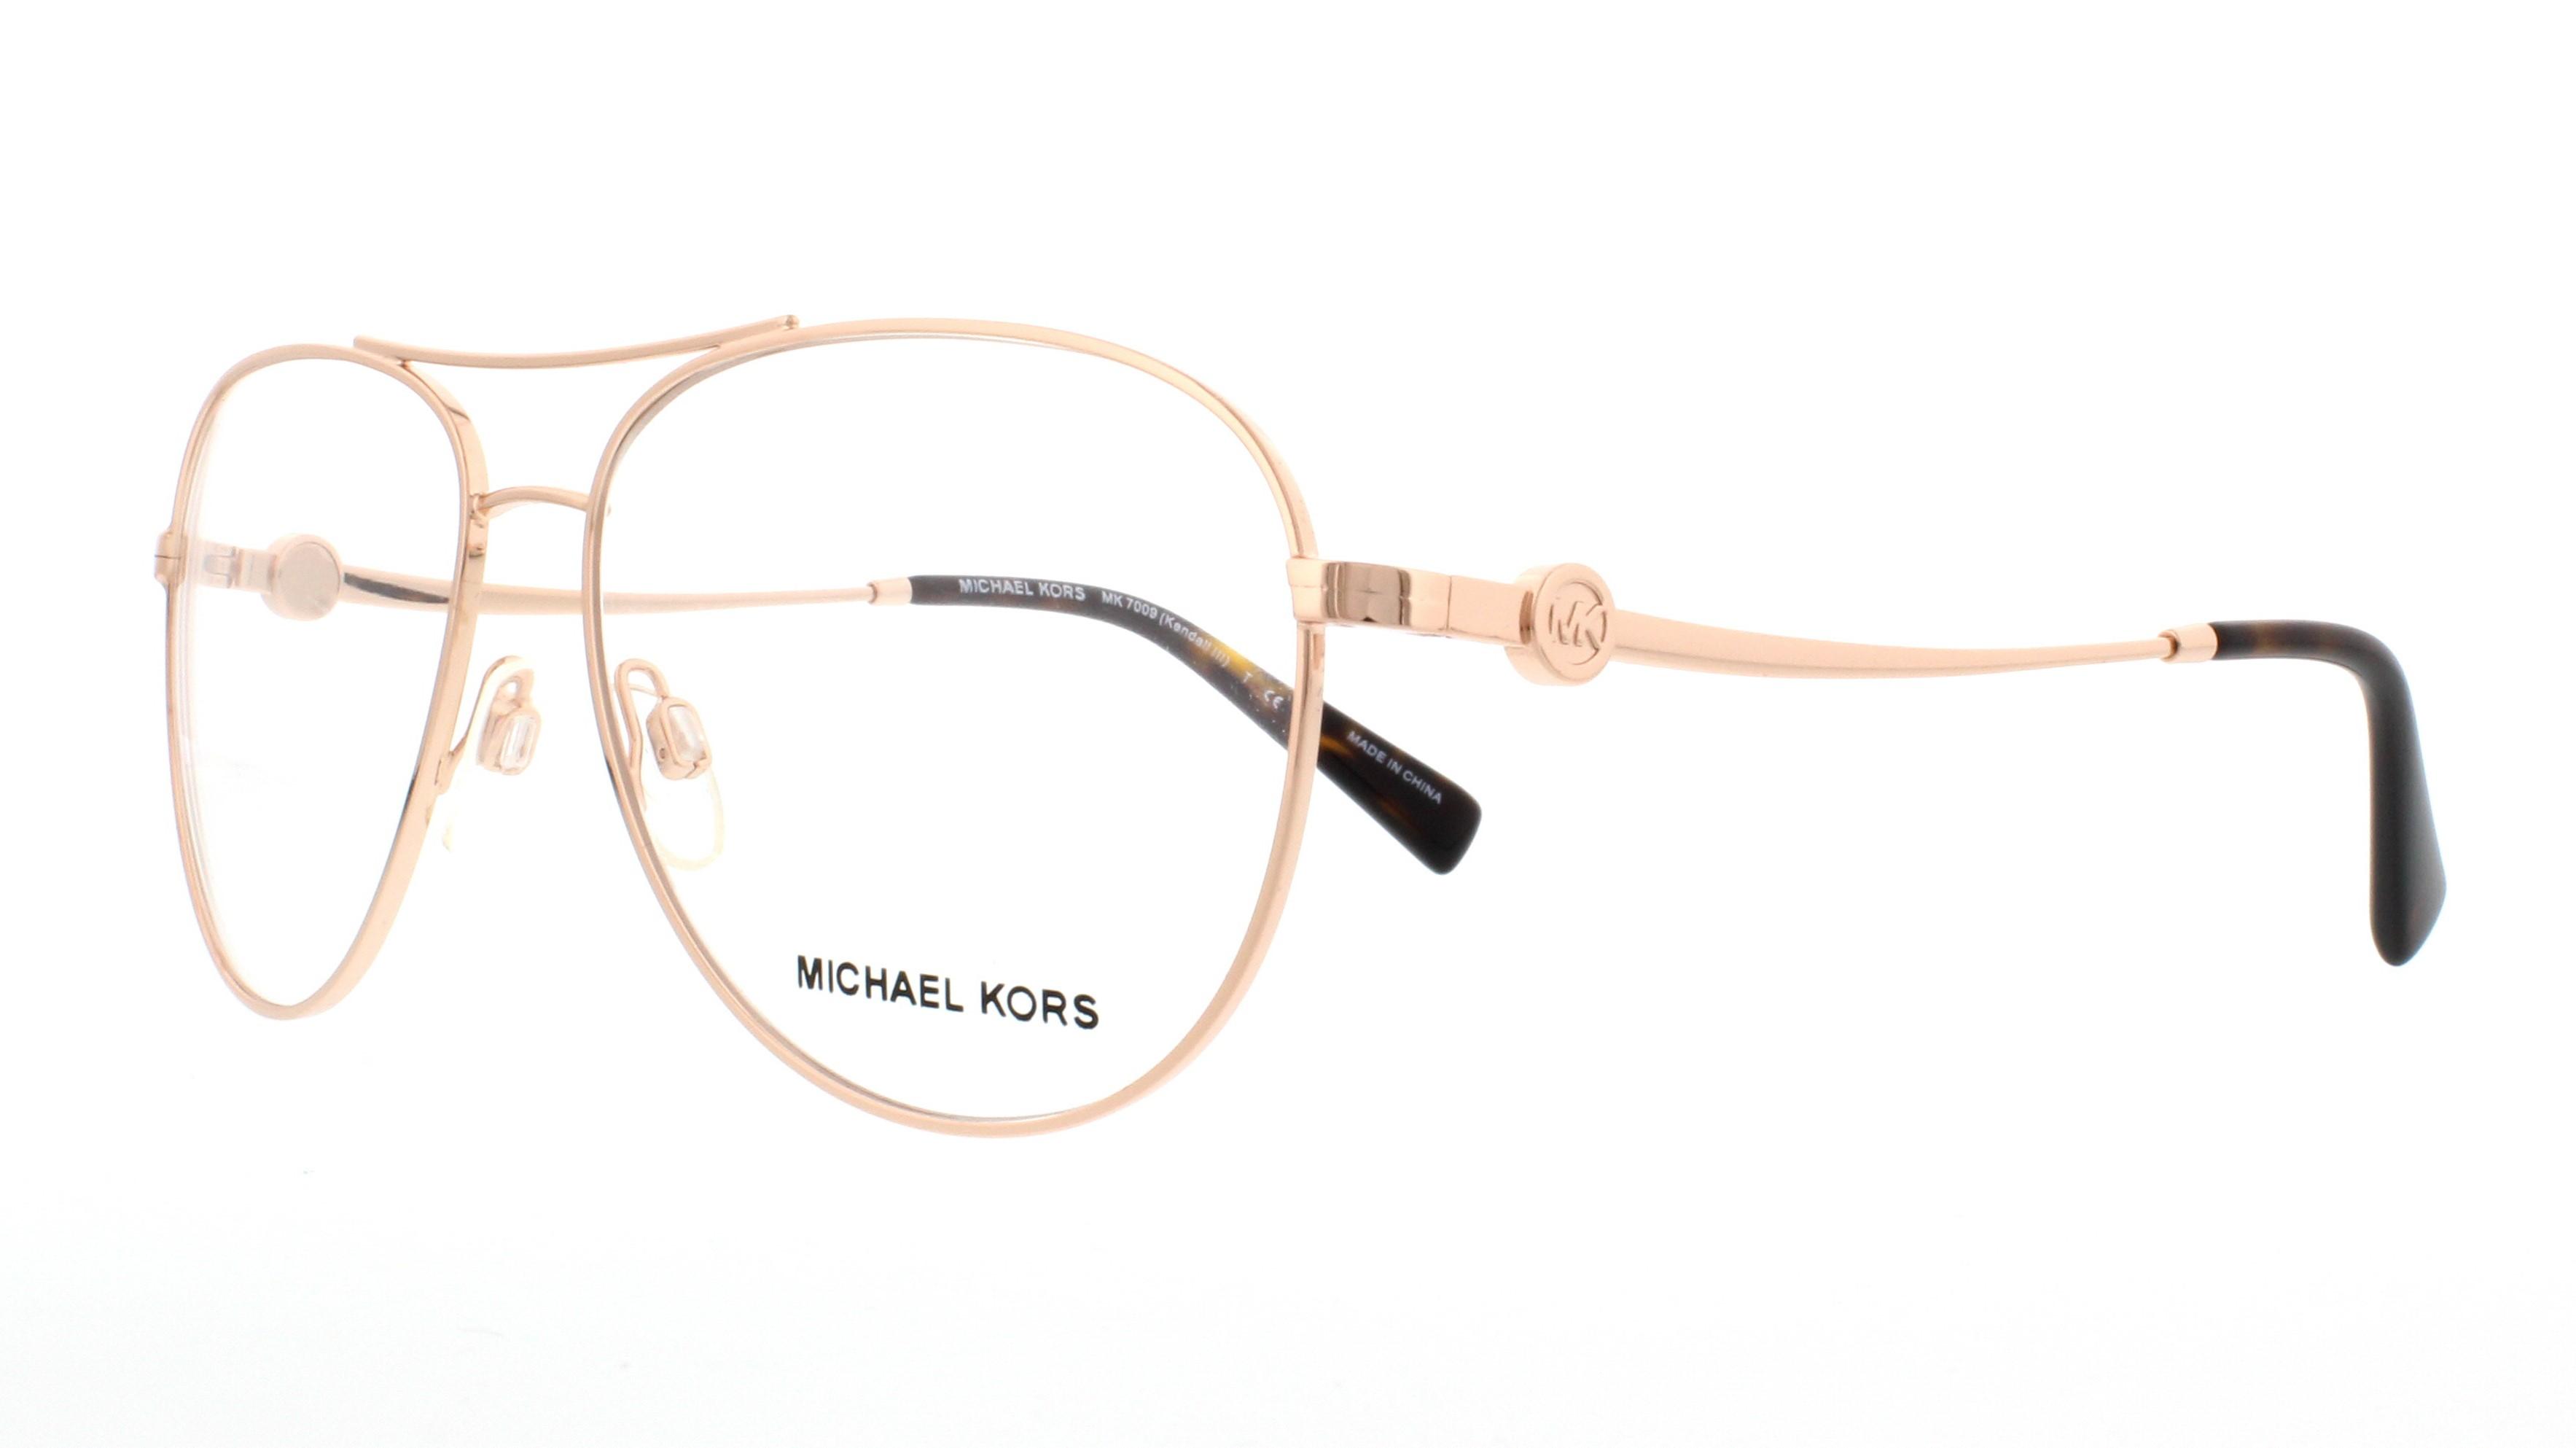 ad2f22c54bff Designer Frames Outlet. Michael Kors MK7009